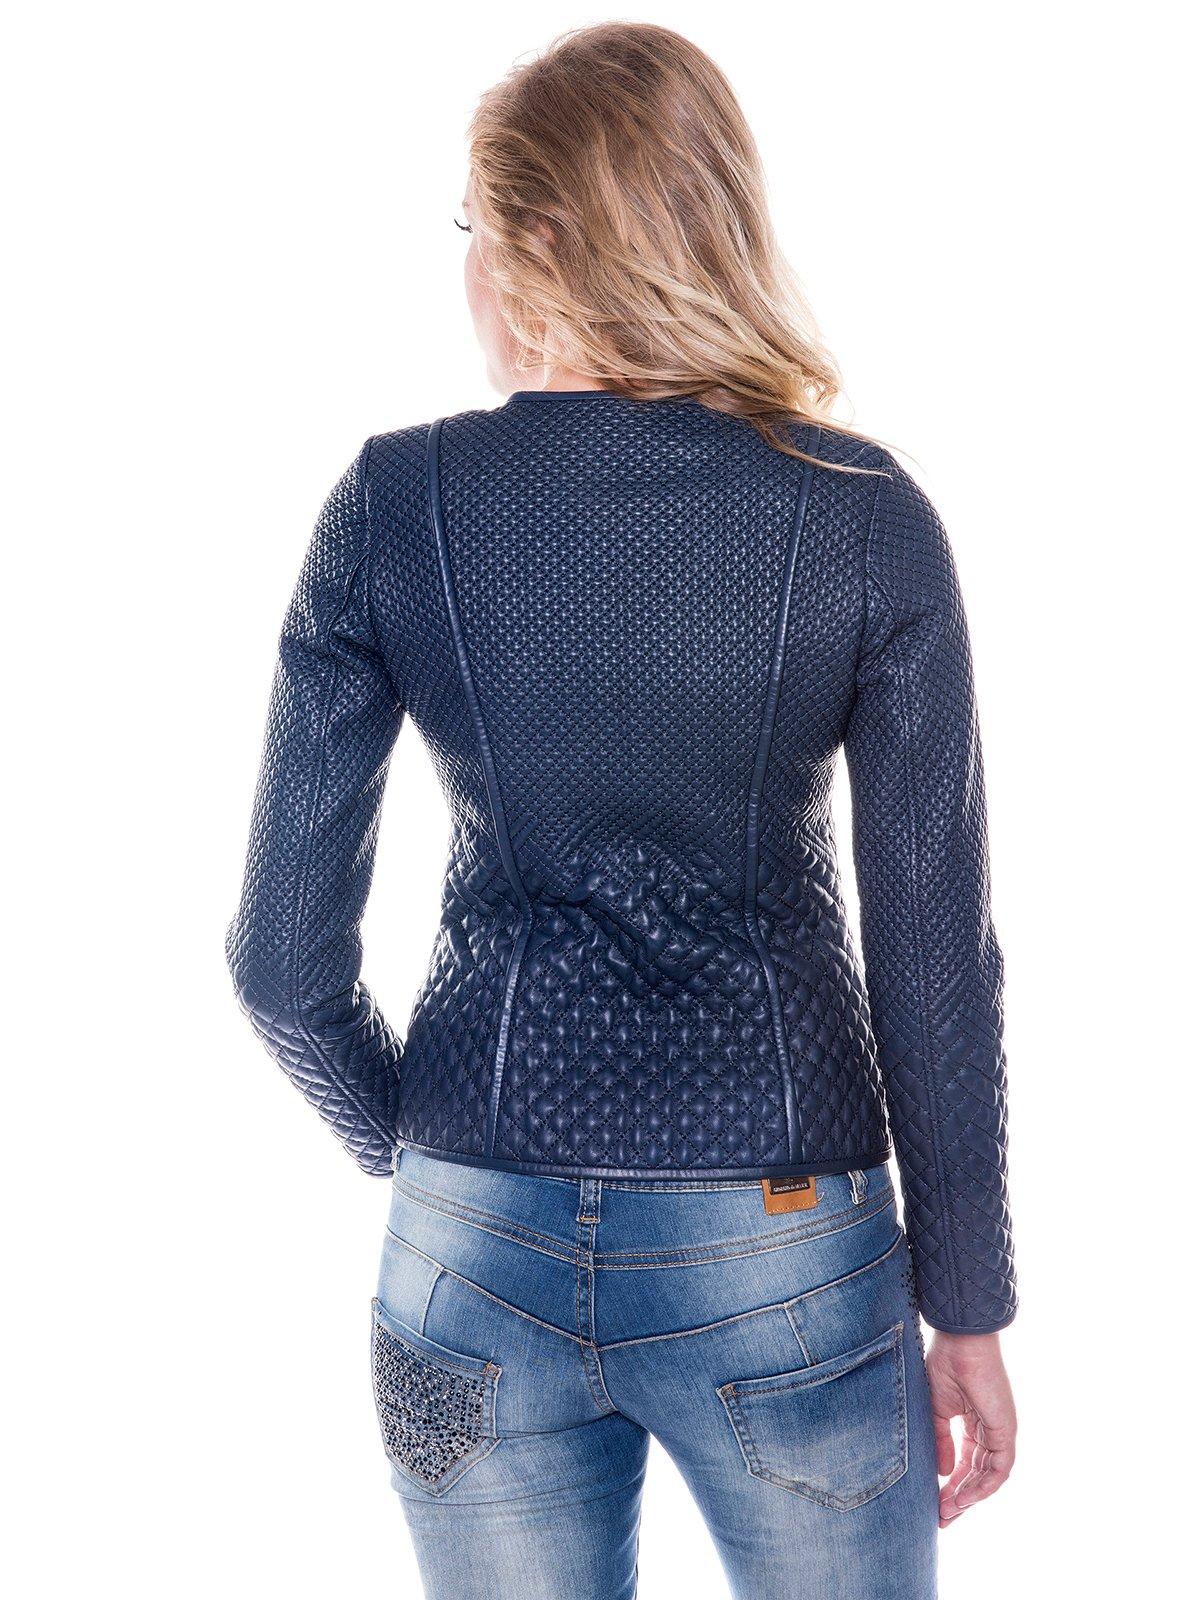 Куртка синяя   2033765   фото 5